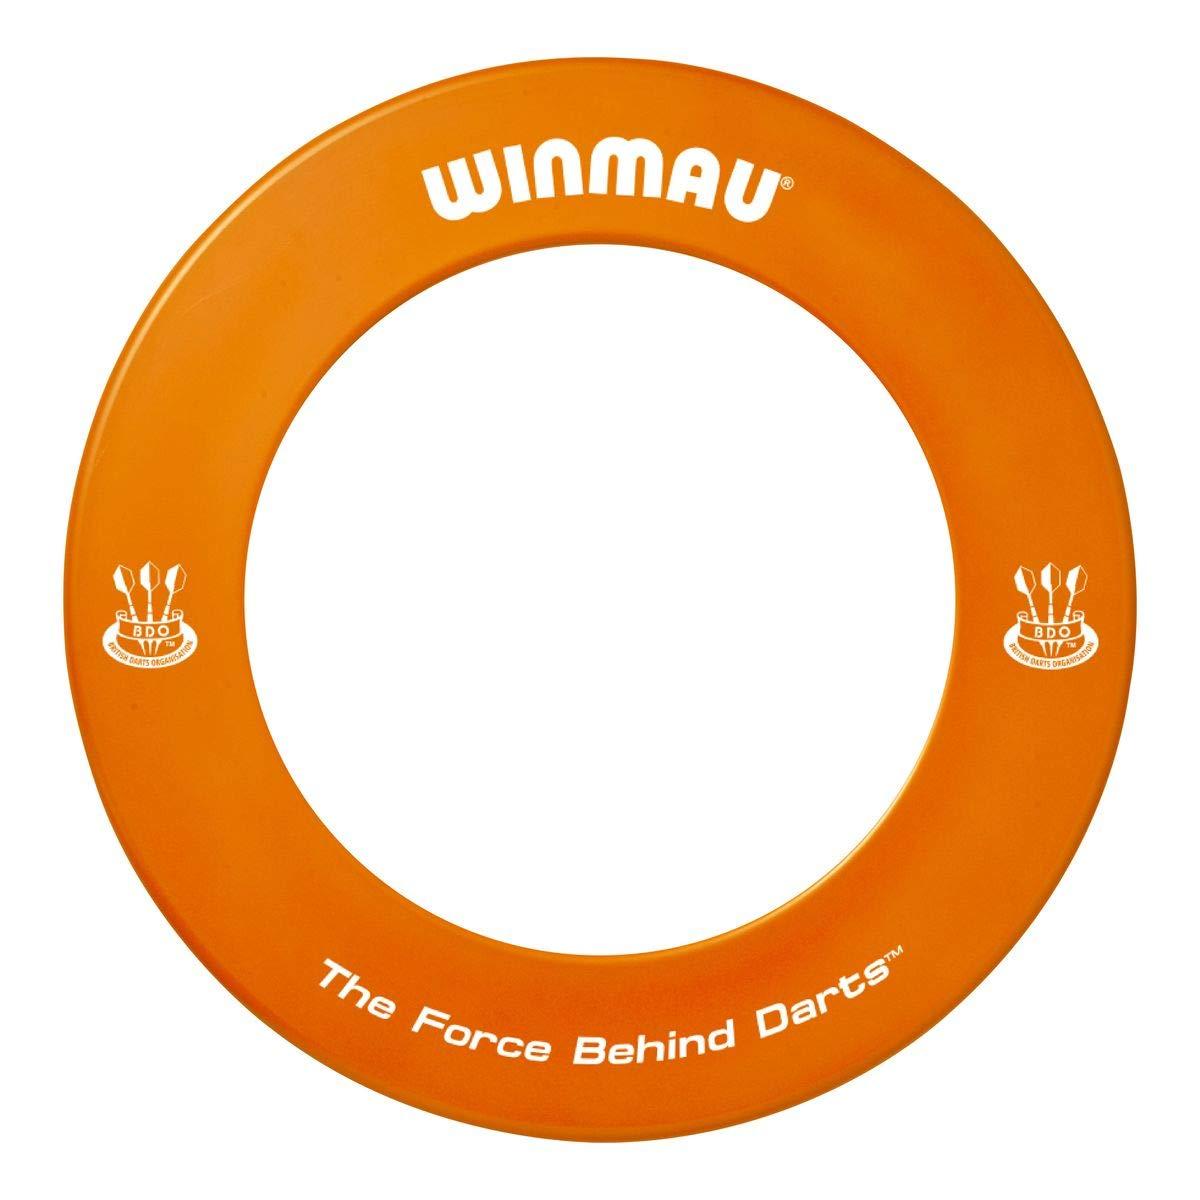 Winmau DartSurround Plain, professionellerLook, farblichsortiert Winmau DartSurround Plain professionellerLook